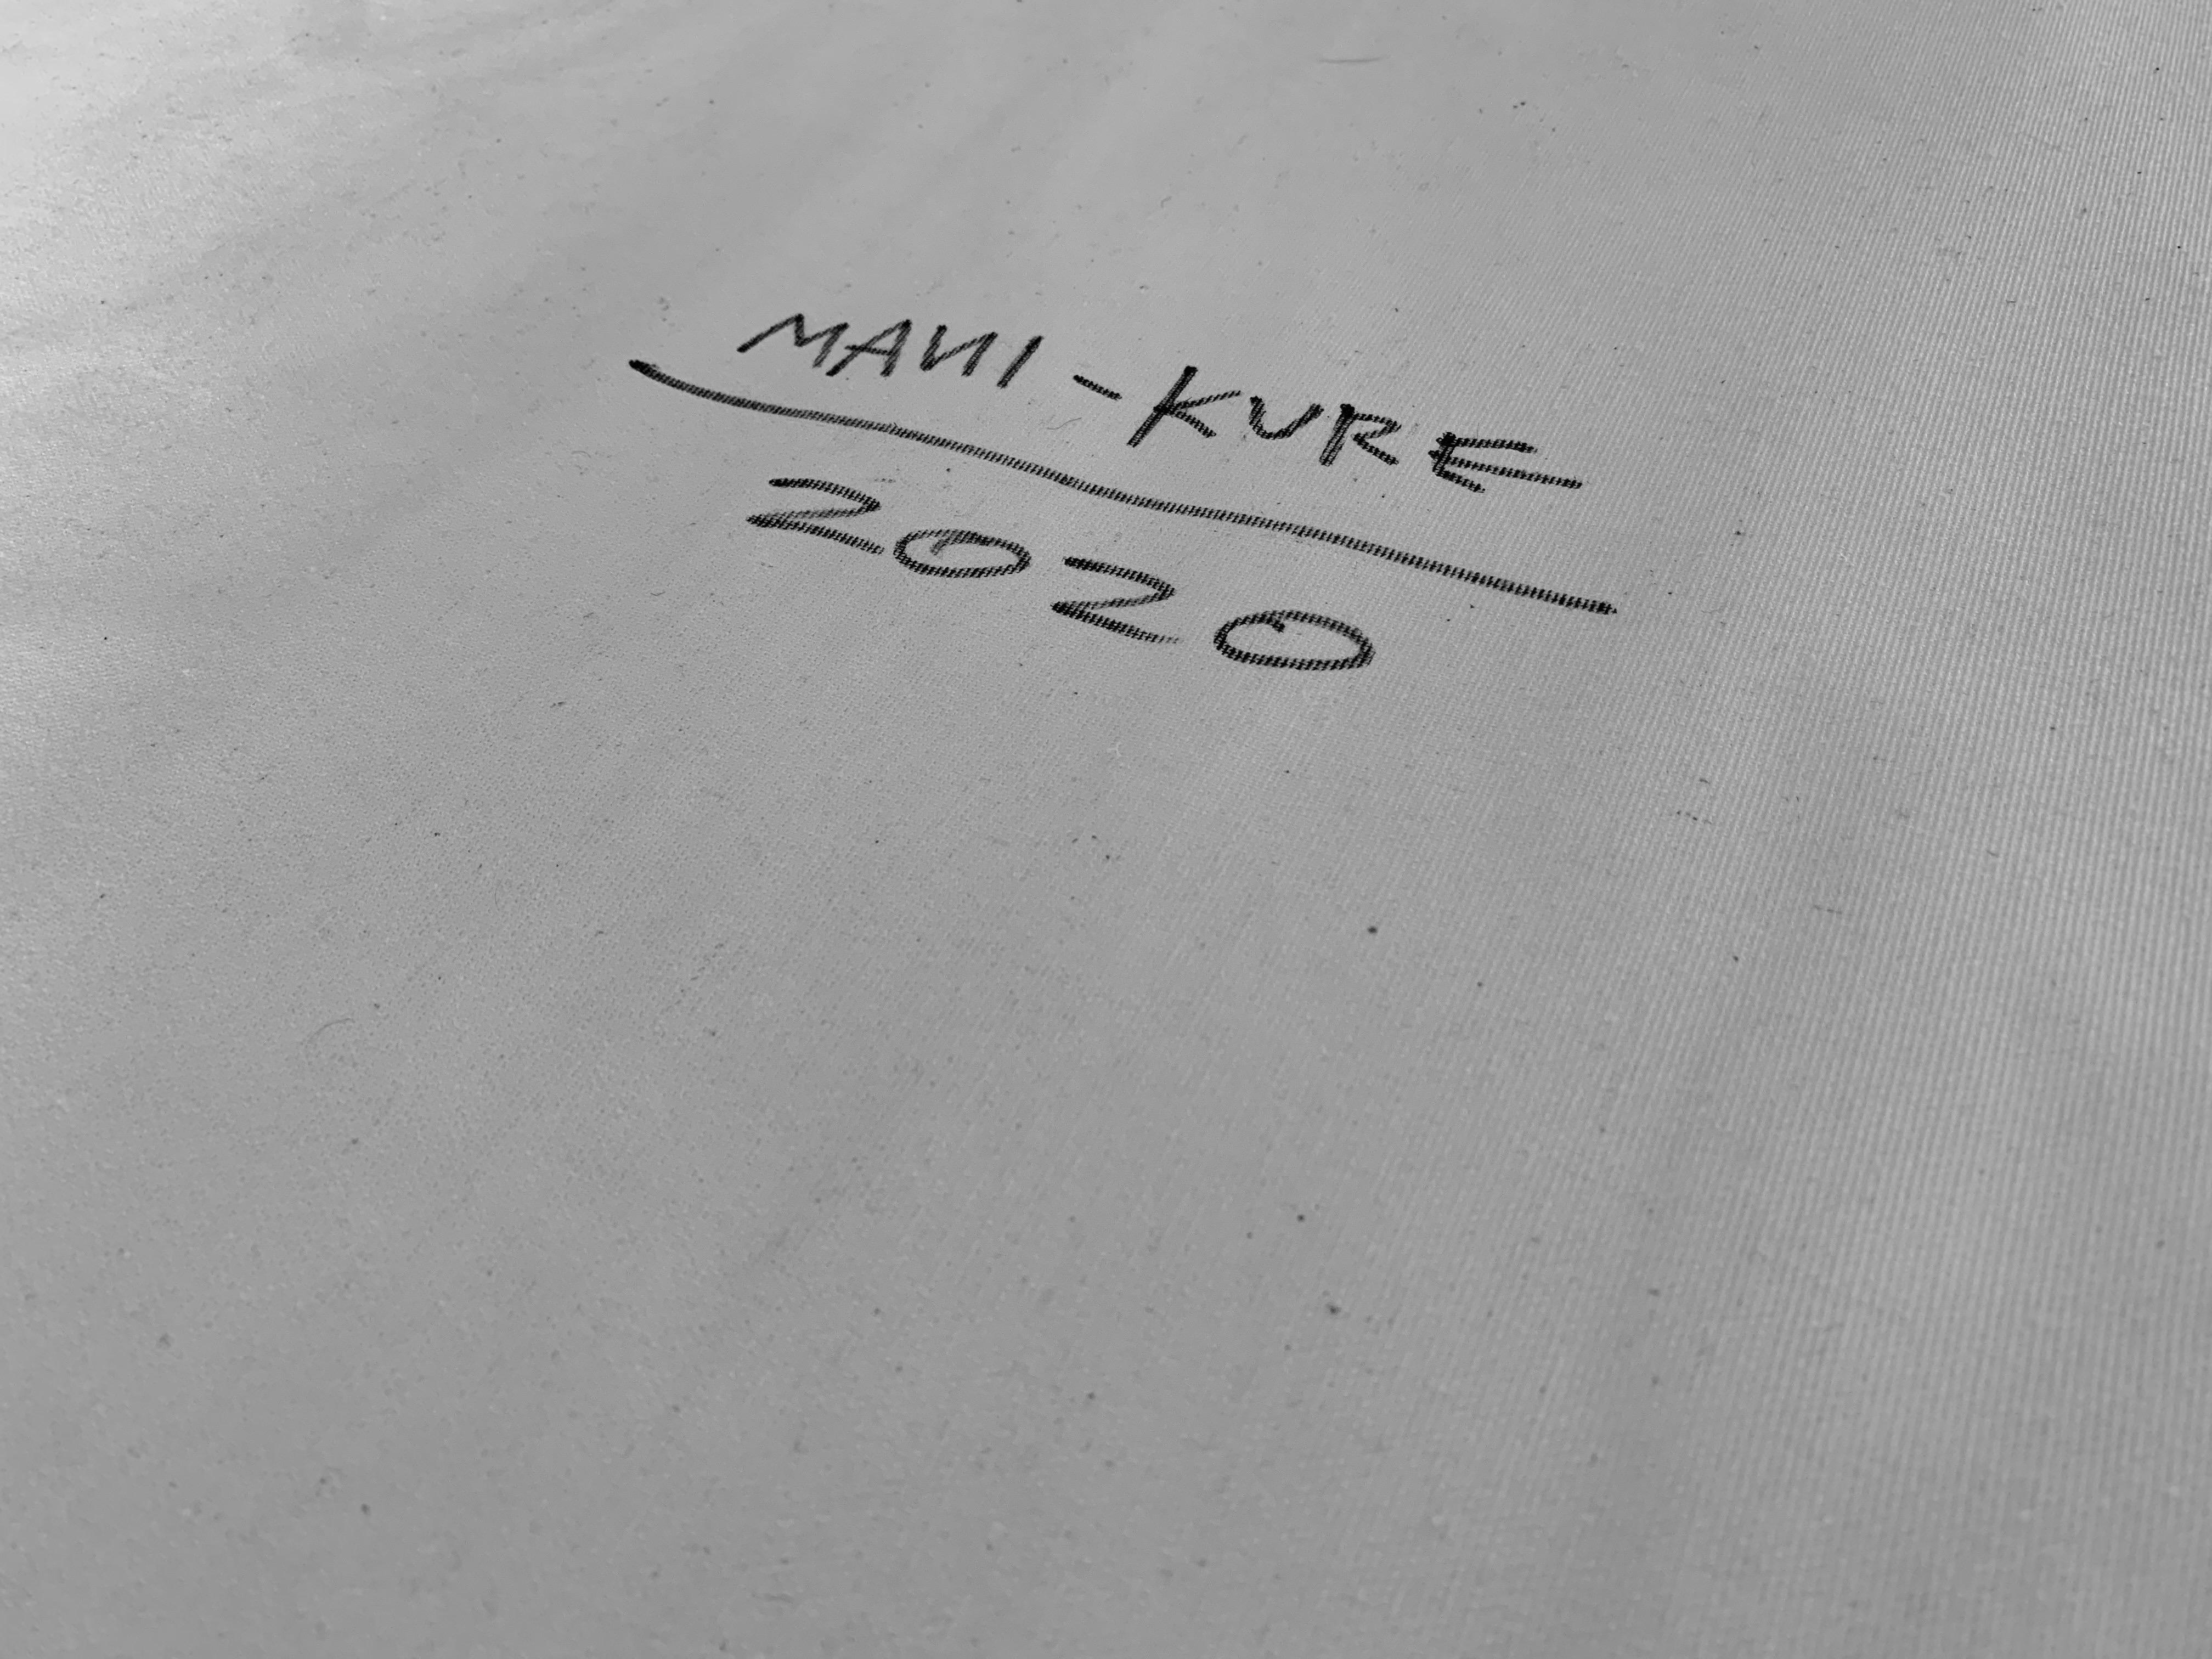 MANI-KURE 'WAR AND PEACE' - 2020- ORIGINAL 1/1 - Image 11 of 11